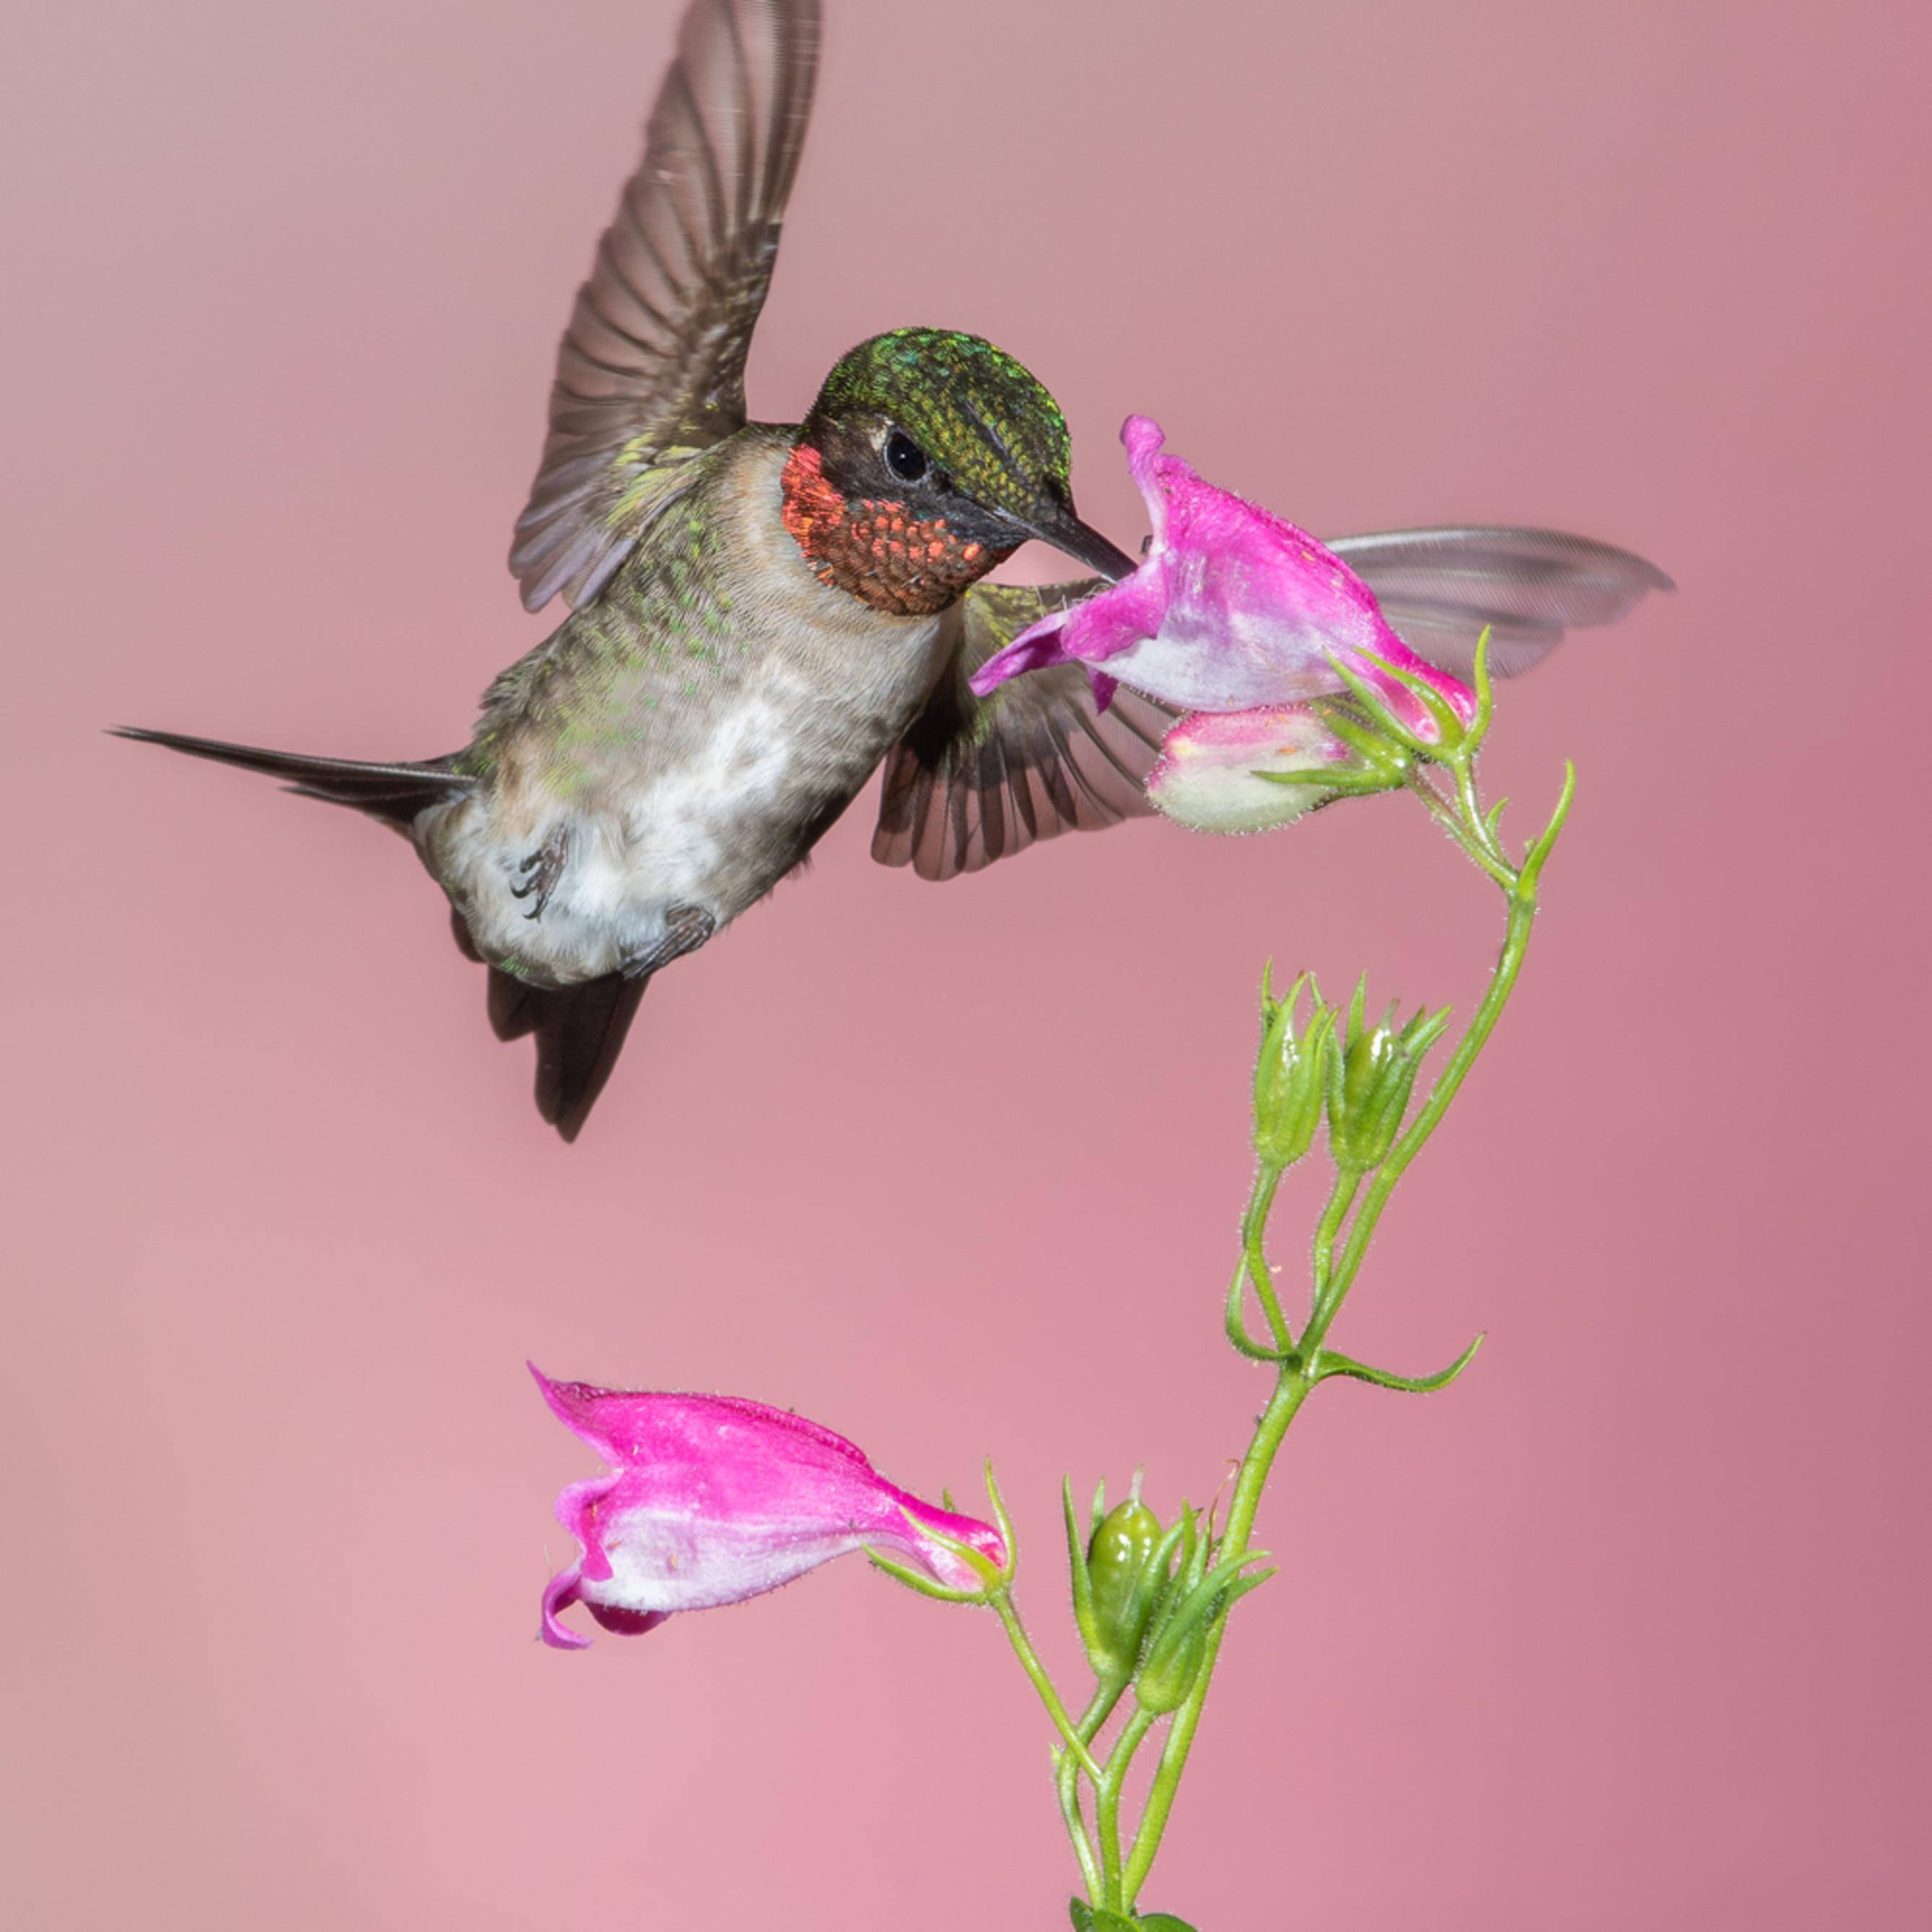 Forsyth county nc ruby throated hummingbird cuda2 uqw7ev